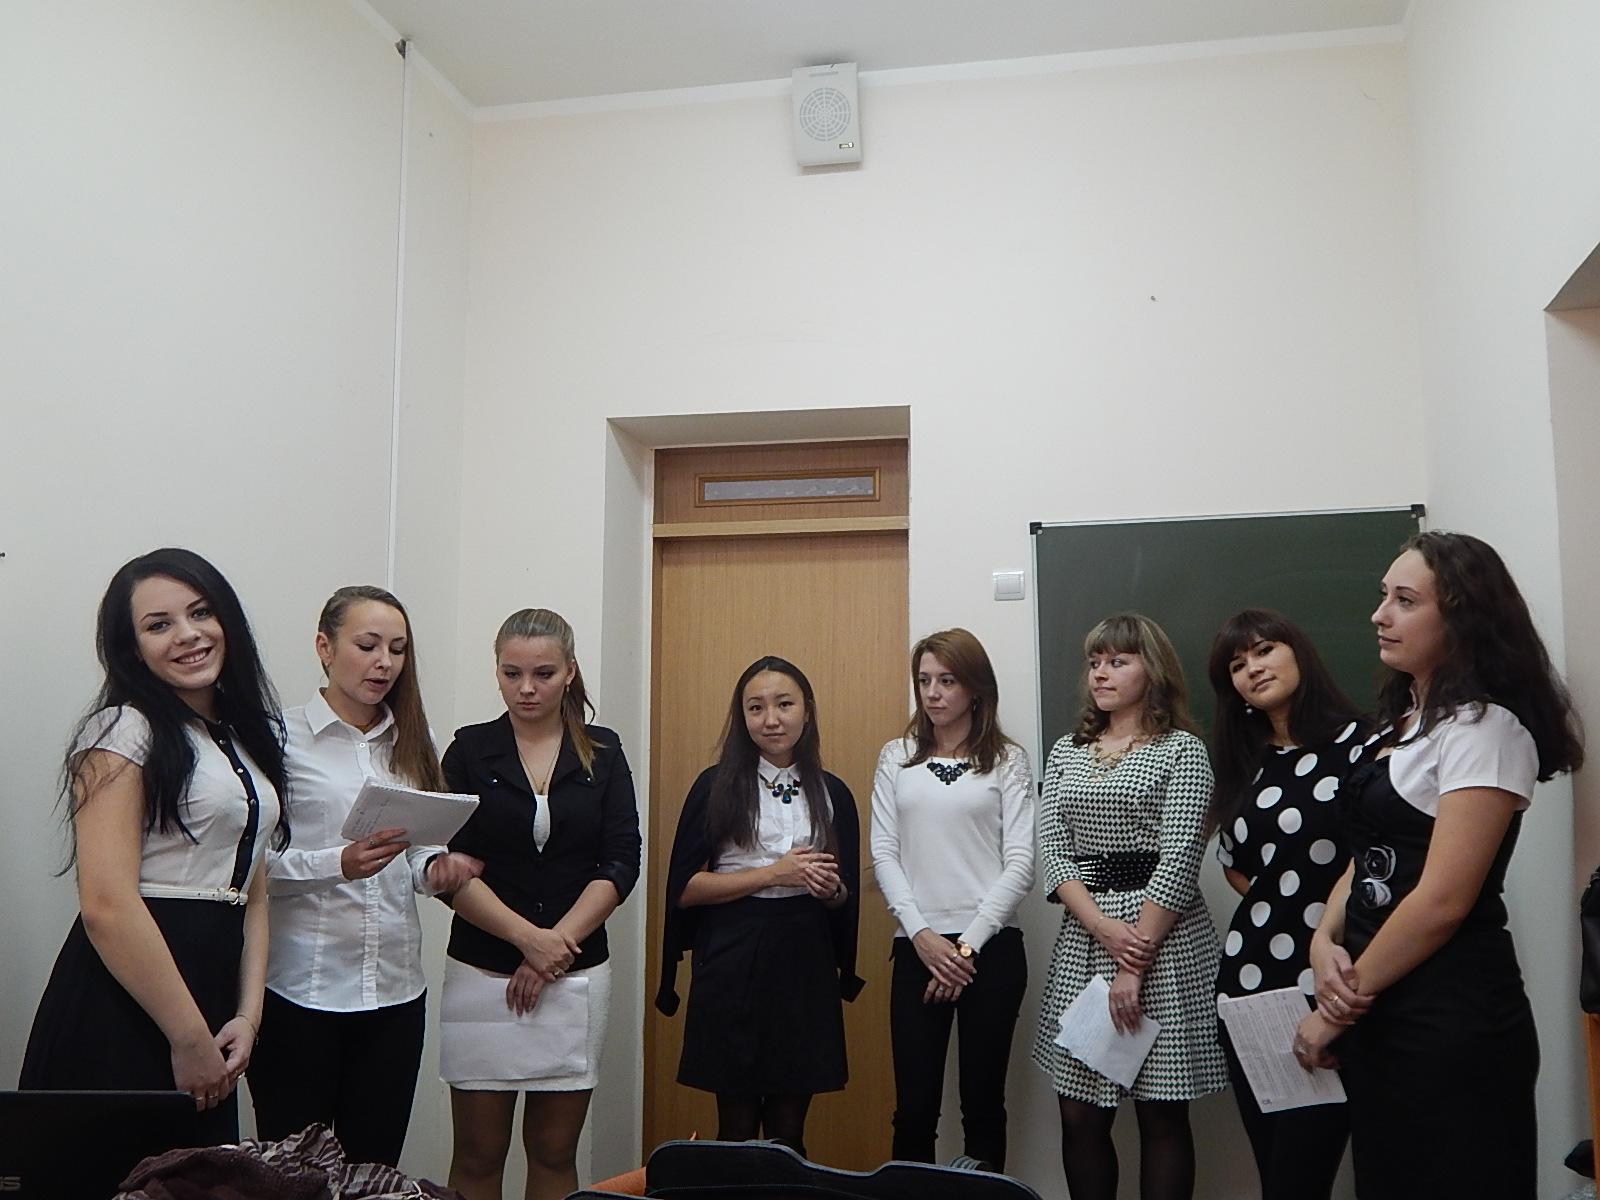 21-го апреля 2017 года пансион воспитанниц мо рф стал площадкой для проведения всероссийской гендерной конференции с международным участием теория и практика реализации гендерного подхода в образовании